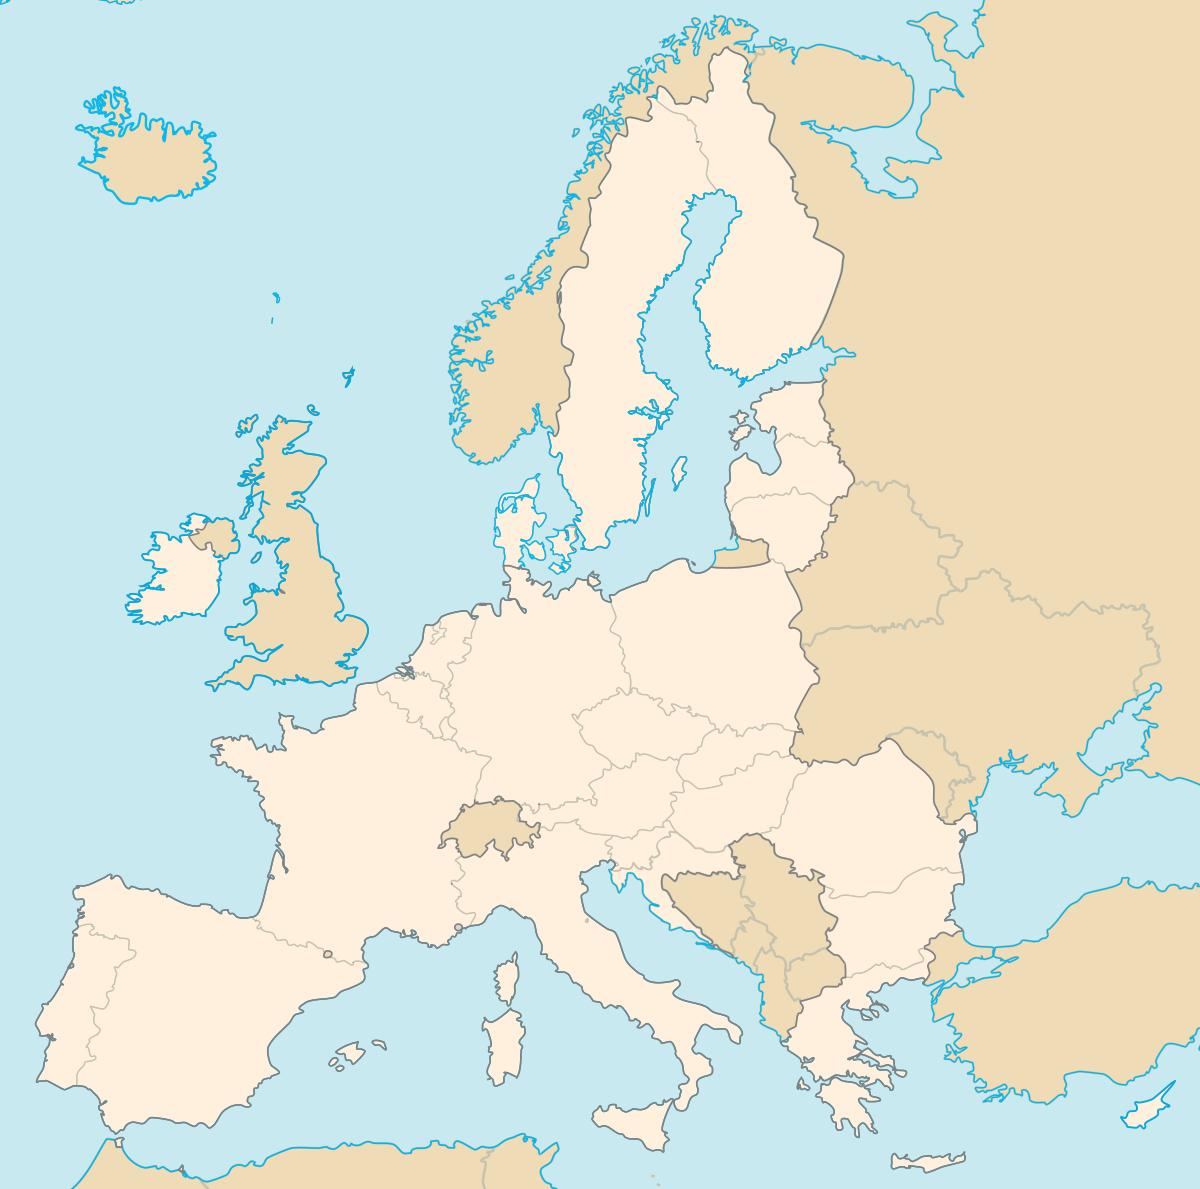 États Membres De L'union Européenne — Wikipédia destiné Pays Membre De L Europe